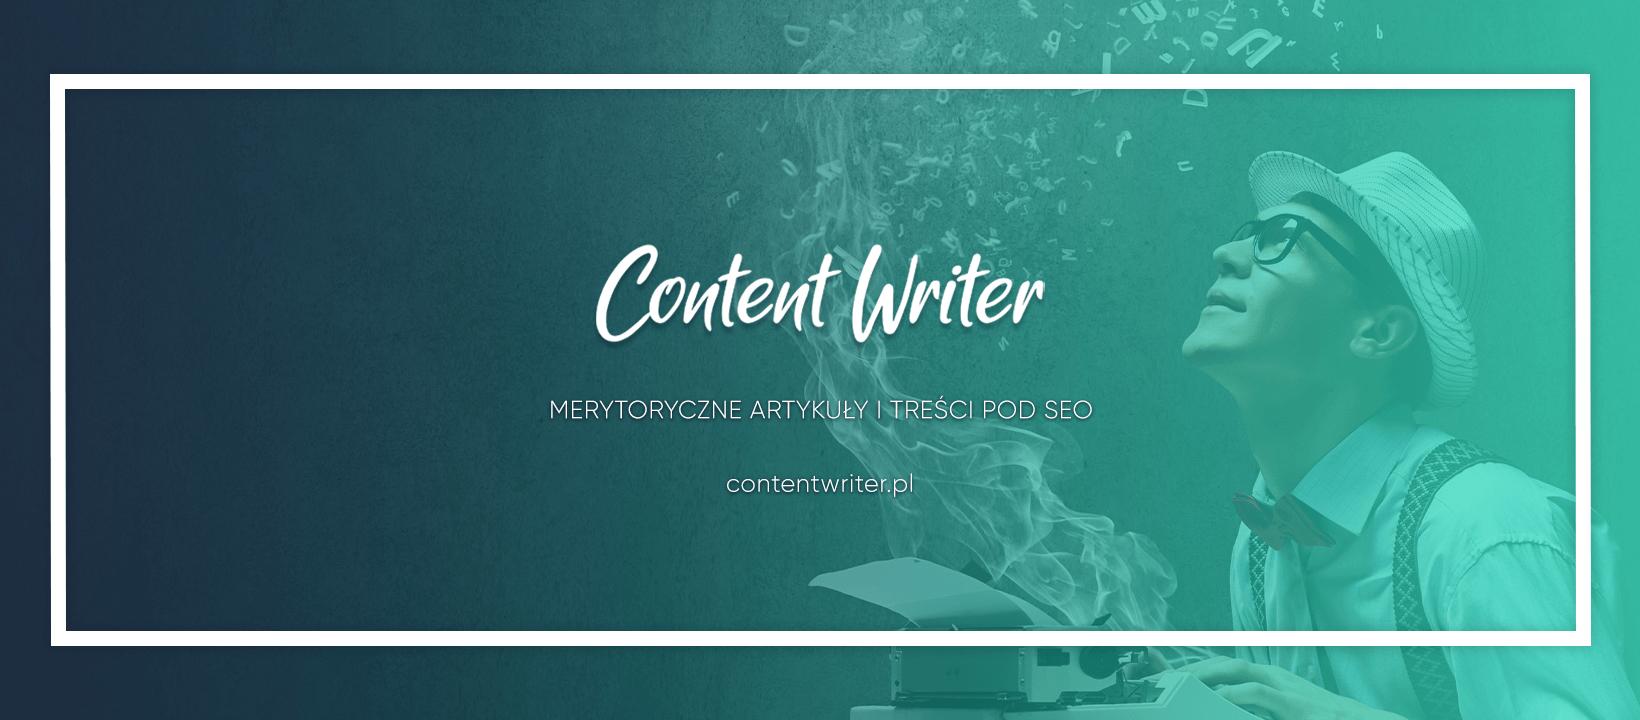 Content Writer - Zamów Treści